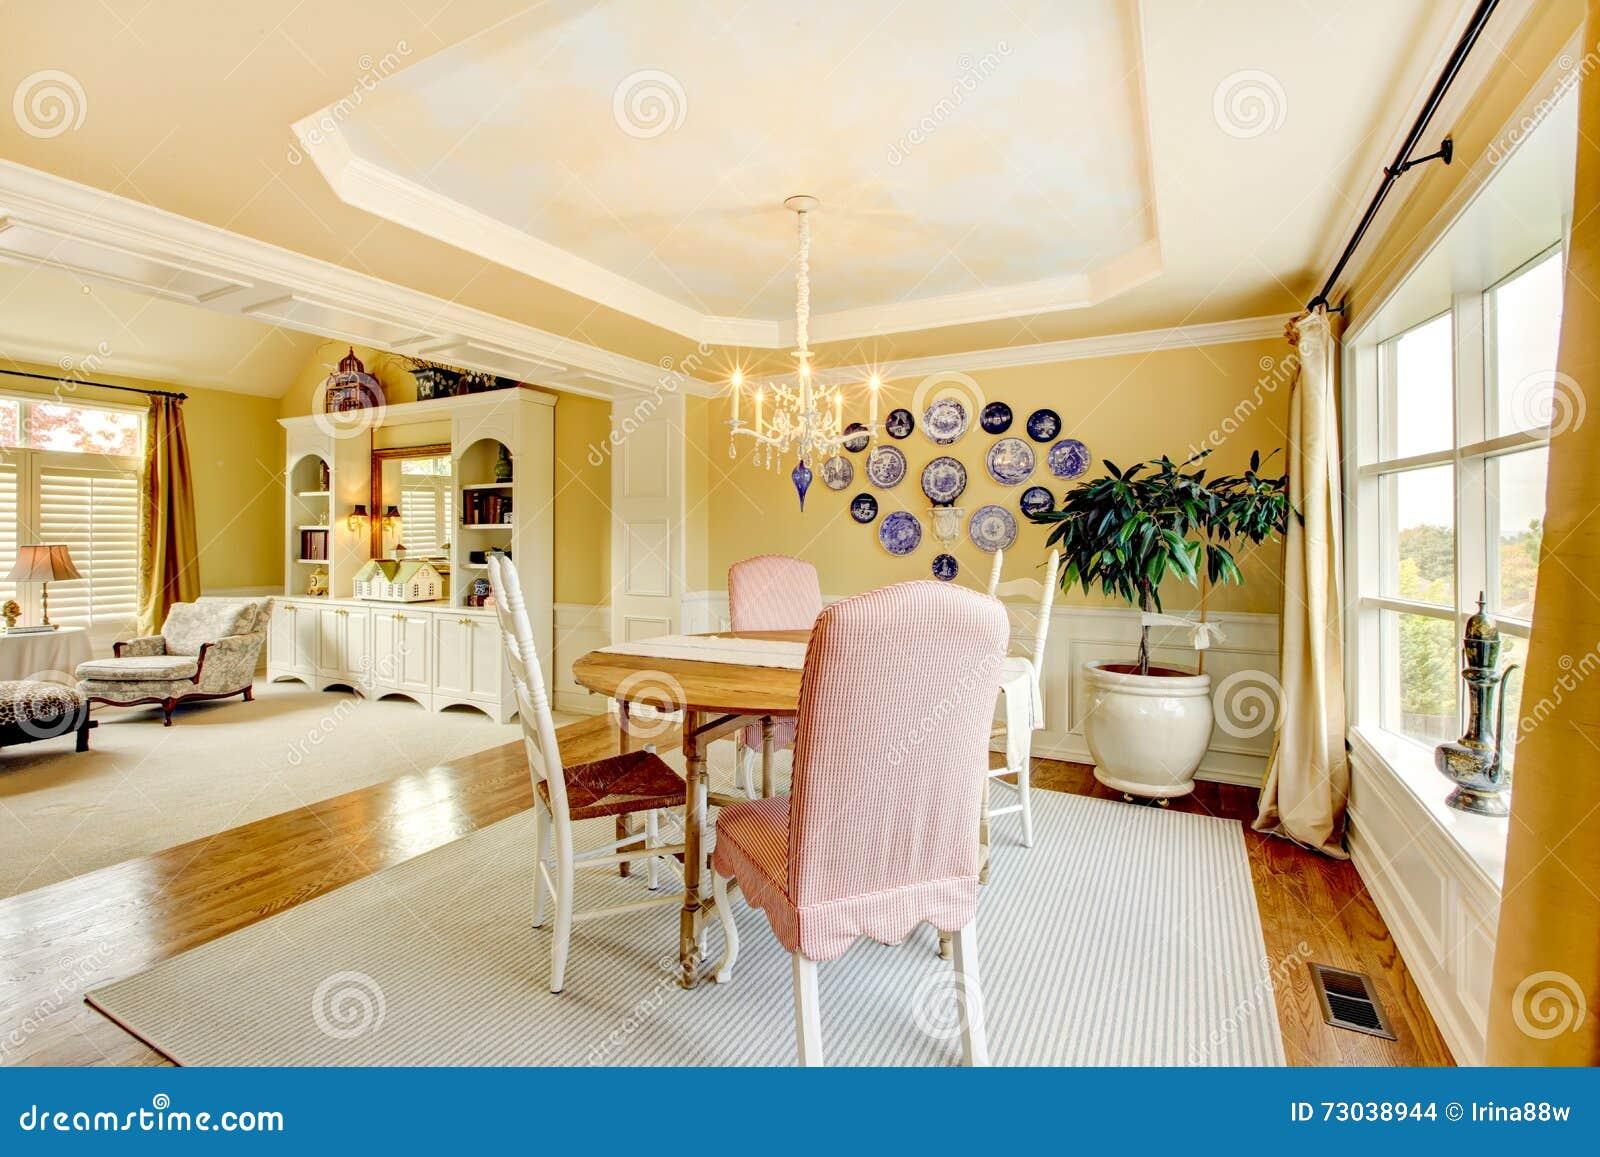 Conception Intérieure De Salon Américain Jaune Confortable ...